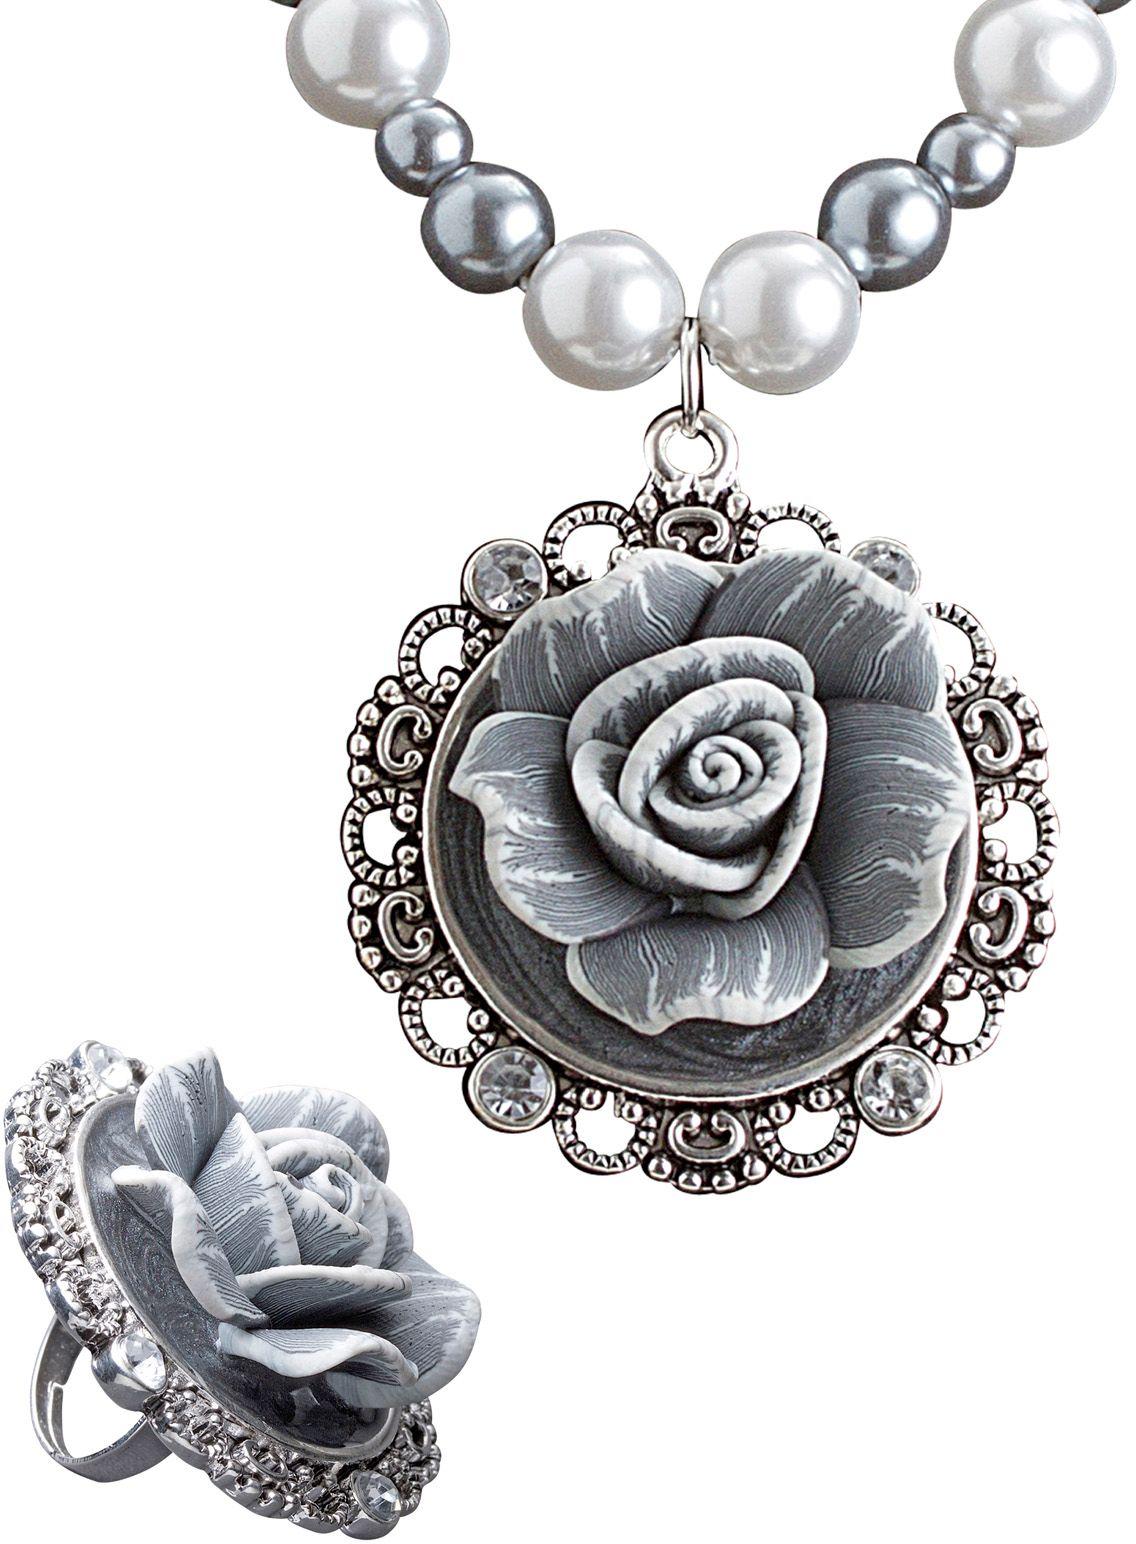 Geparelde ketting met roos